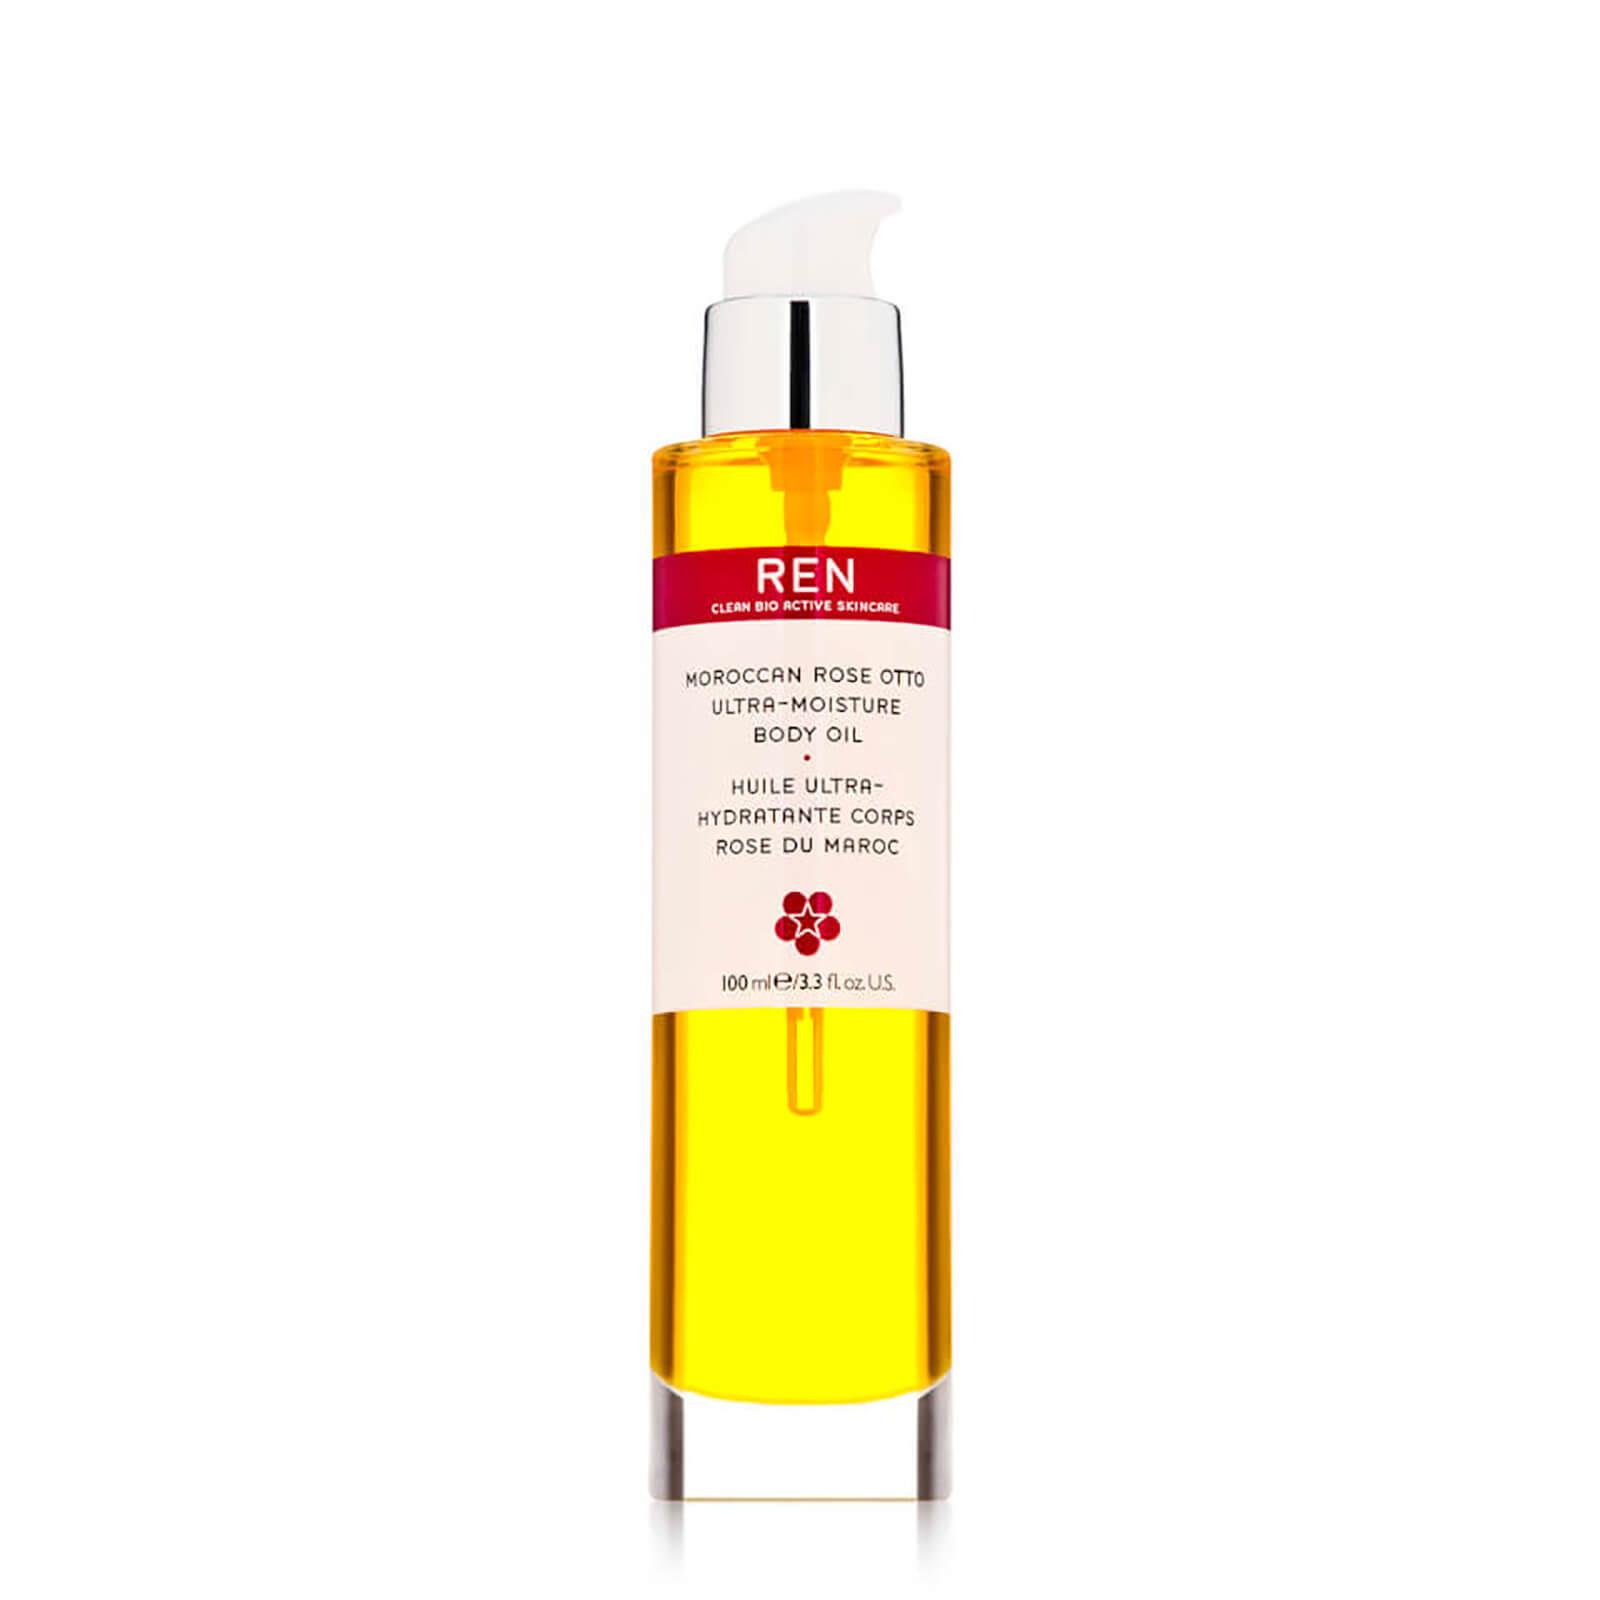 REN Clean Skincare Moroccan Rose Otto Ultra-Moisture Body Oil 100ml